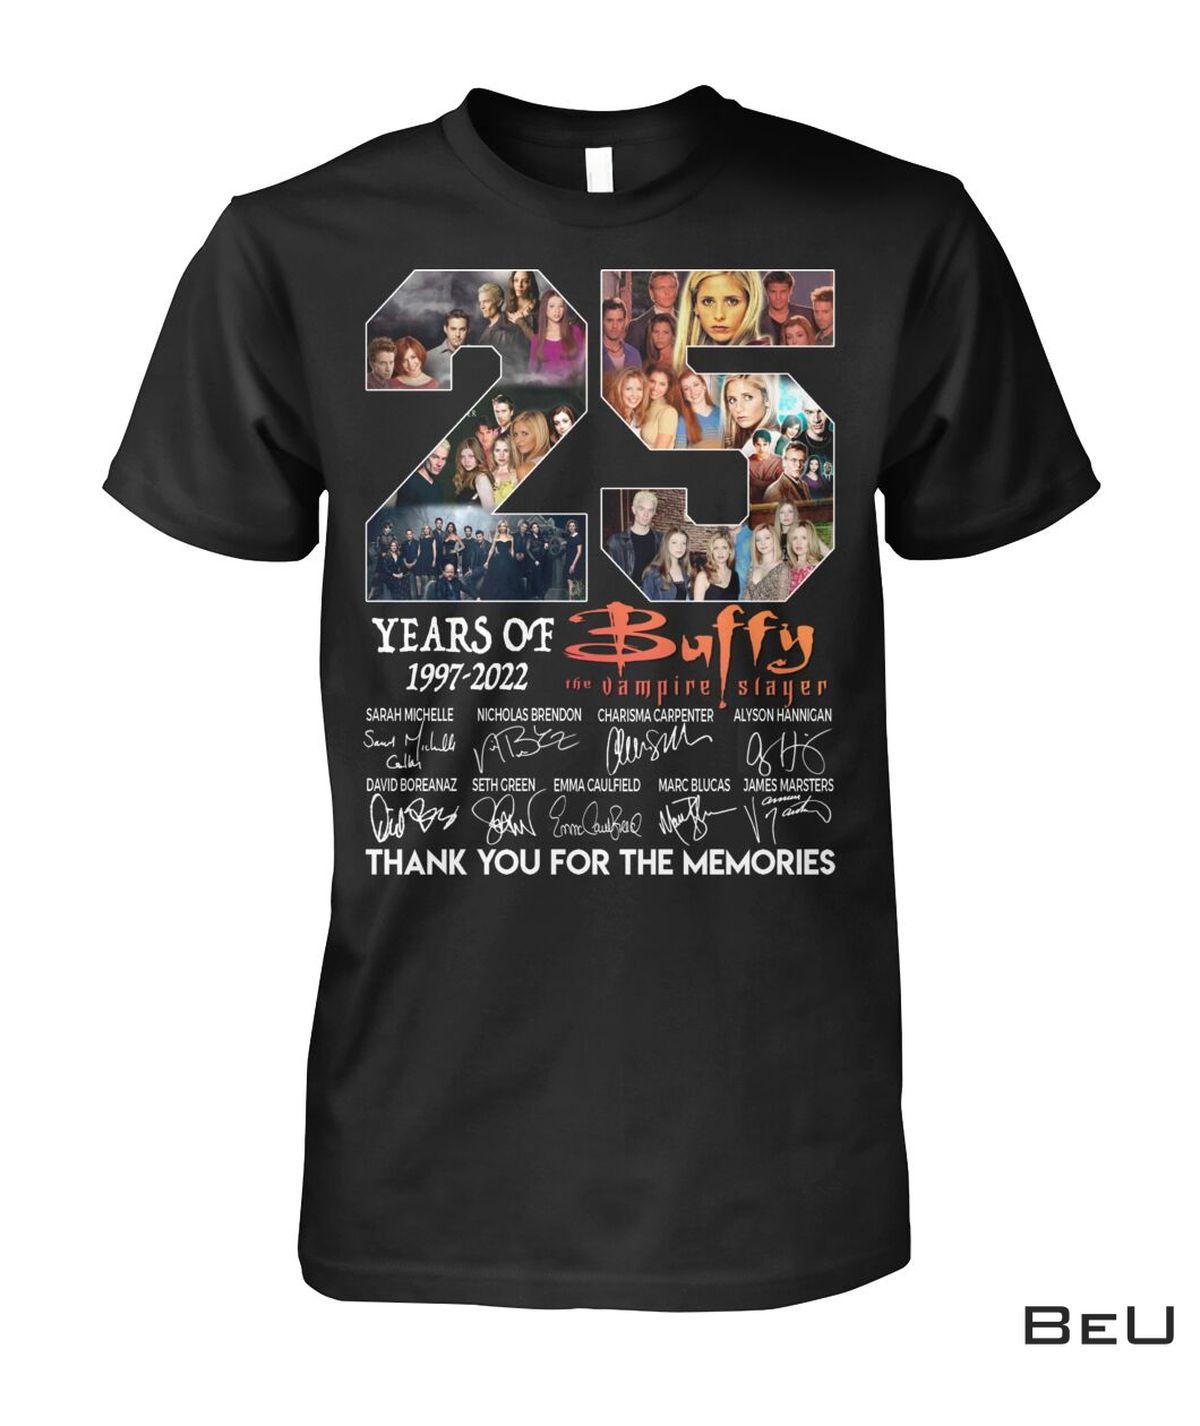 25 Years Of Buffy The Vampire Slayer 1997-2022 Shirt, hoodie, tank top